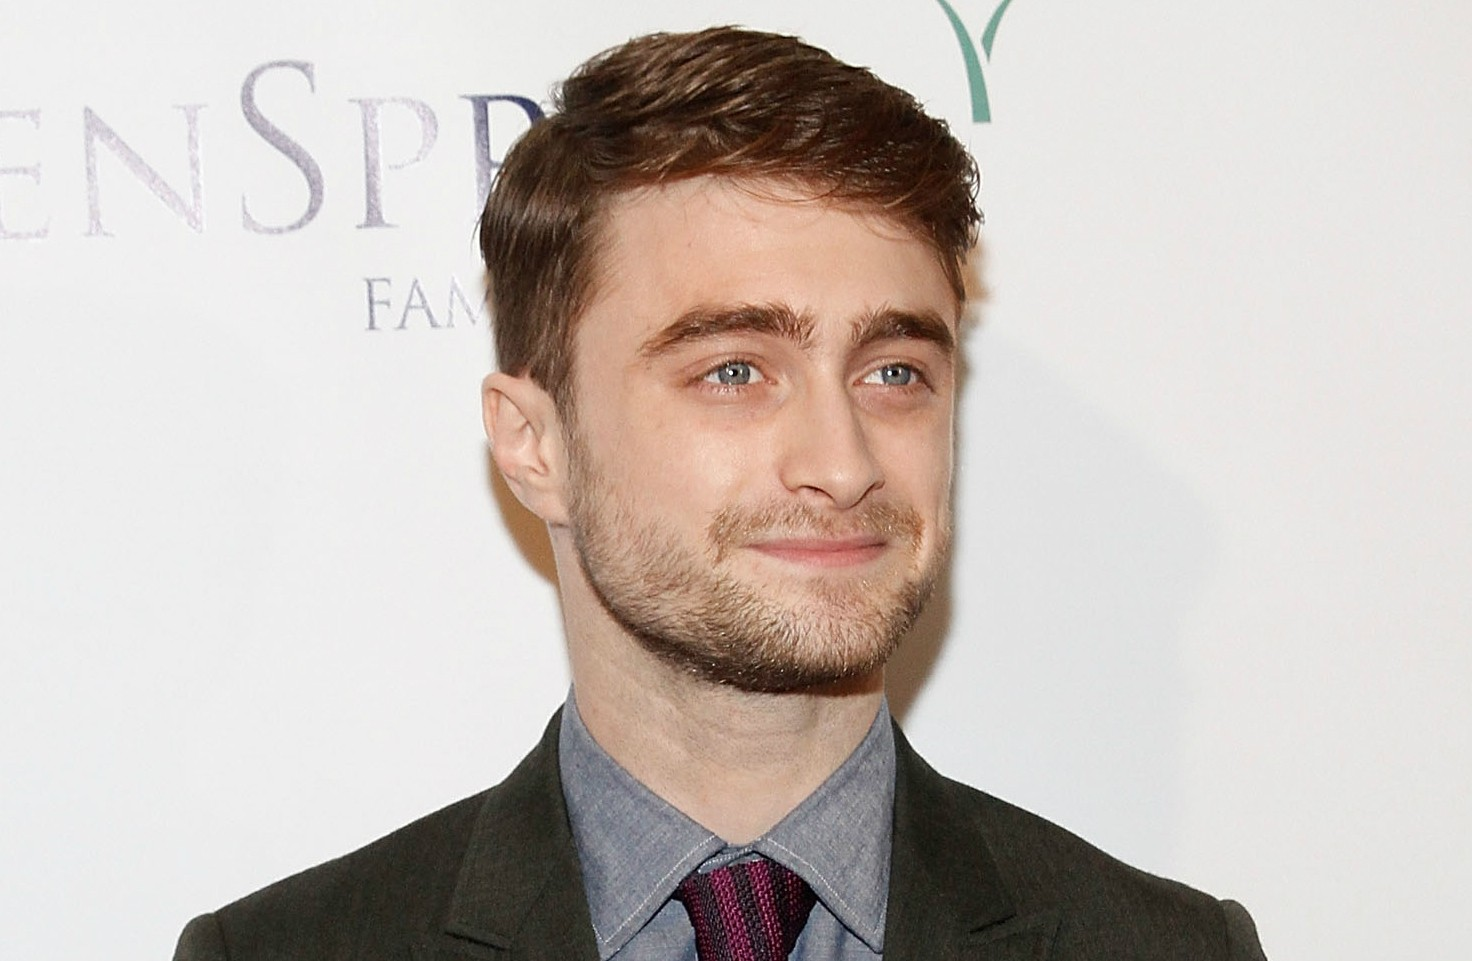 Daniel Radcliffe, de 25 anos: 86 milhões de dólares (cerca de 195 milhões de reais). (Foto: Getty Images)